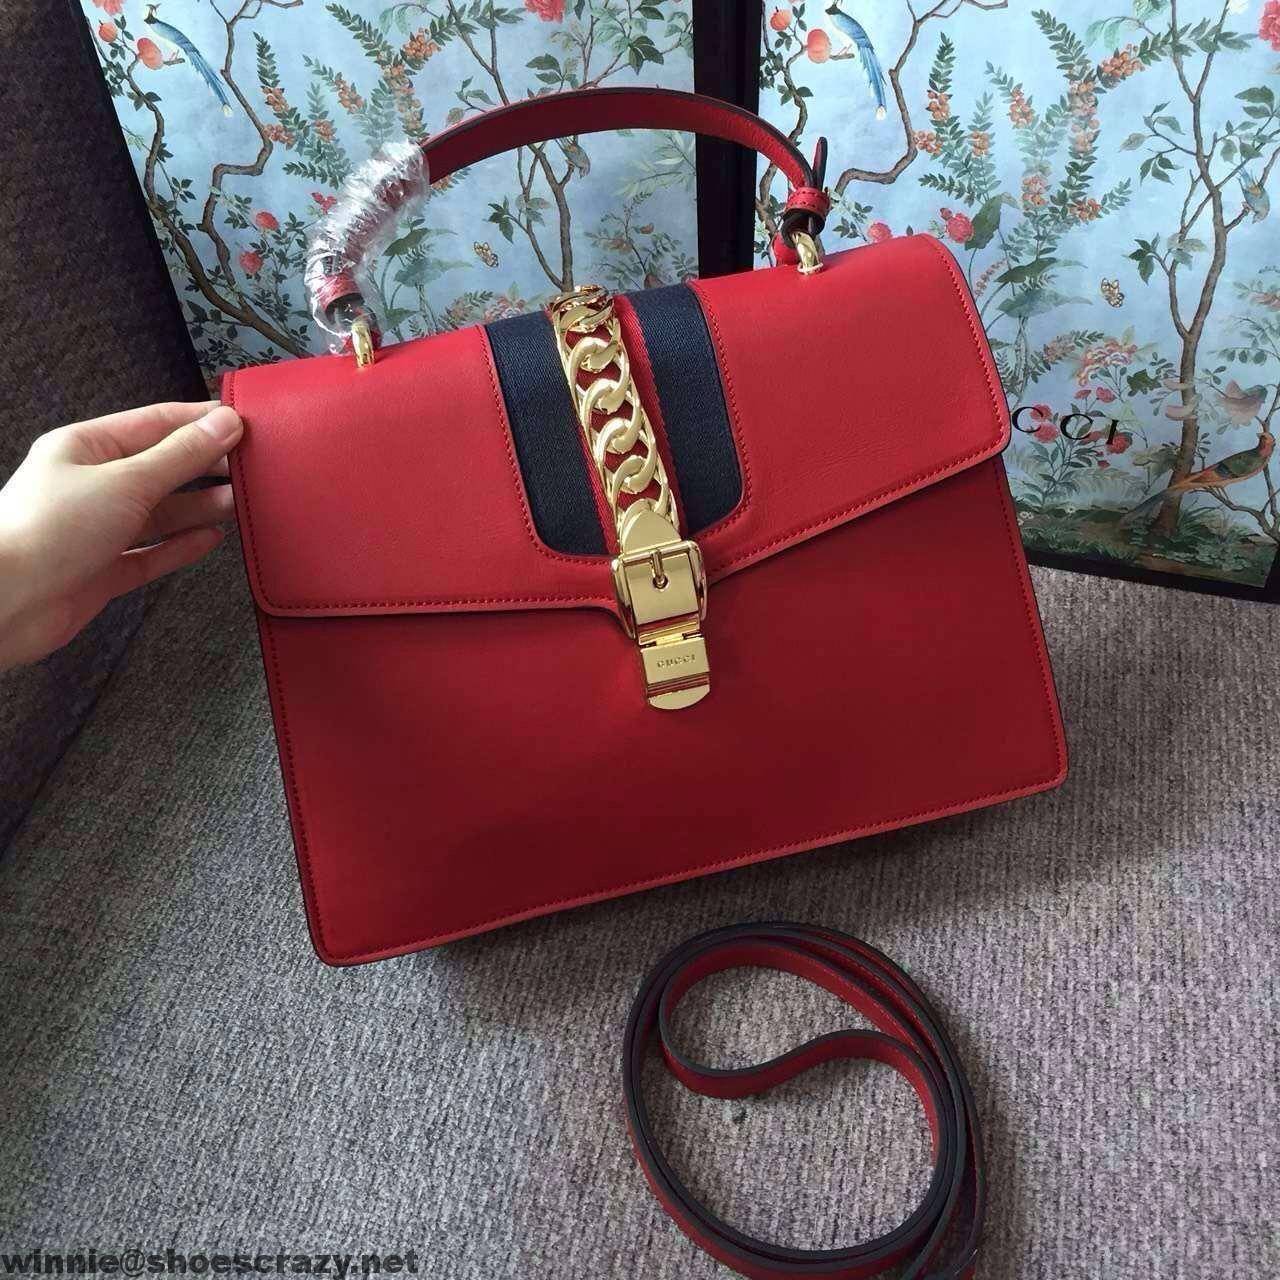 Gucci 431665 Sylvie Leather Top Handle Bag 2016 | Replica handbags ...